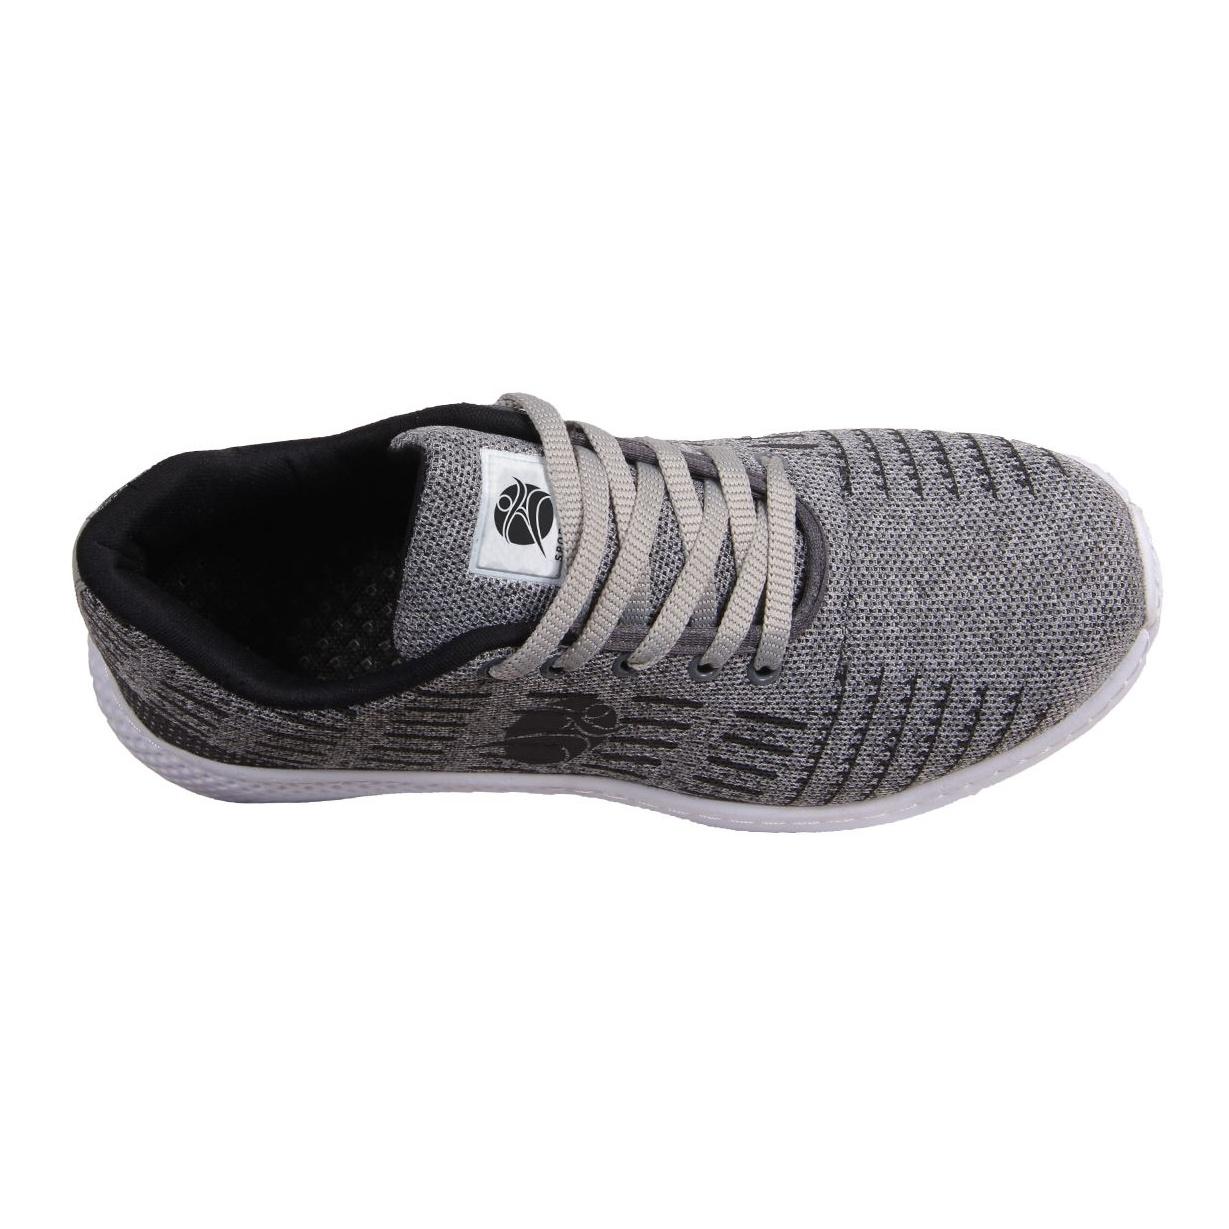 کفش مخصوص پیاده روی مردانه کد 21-SP39250 main 1 4